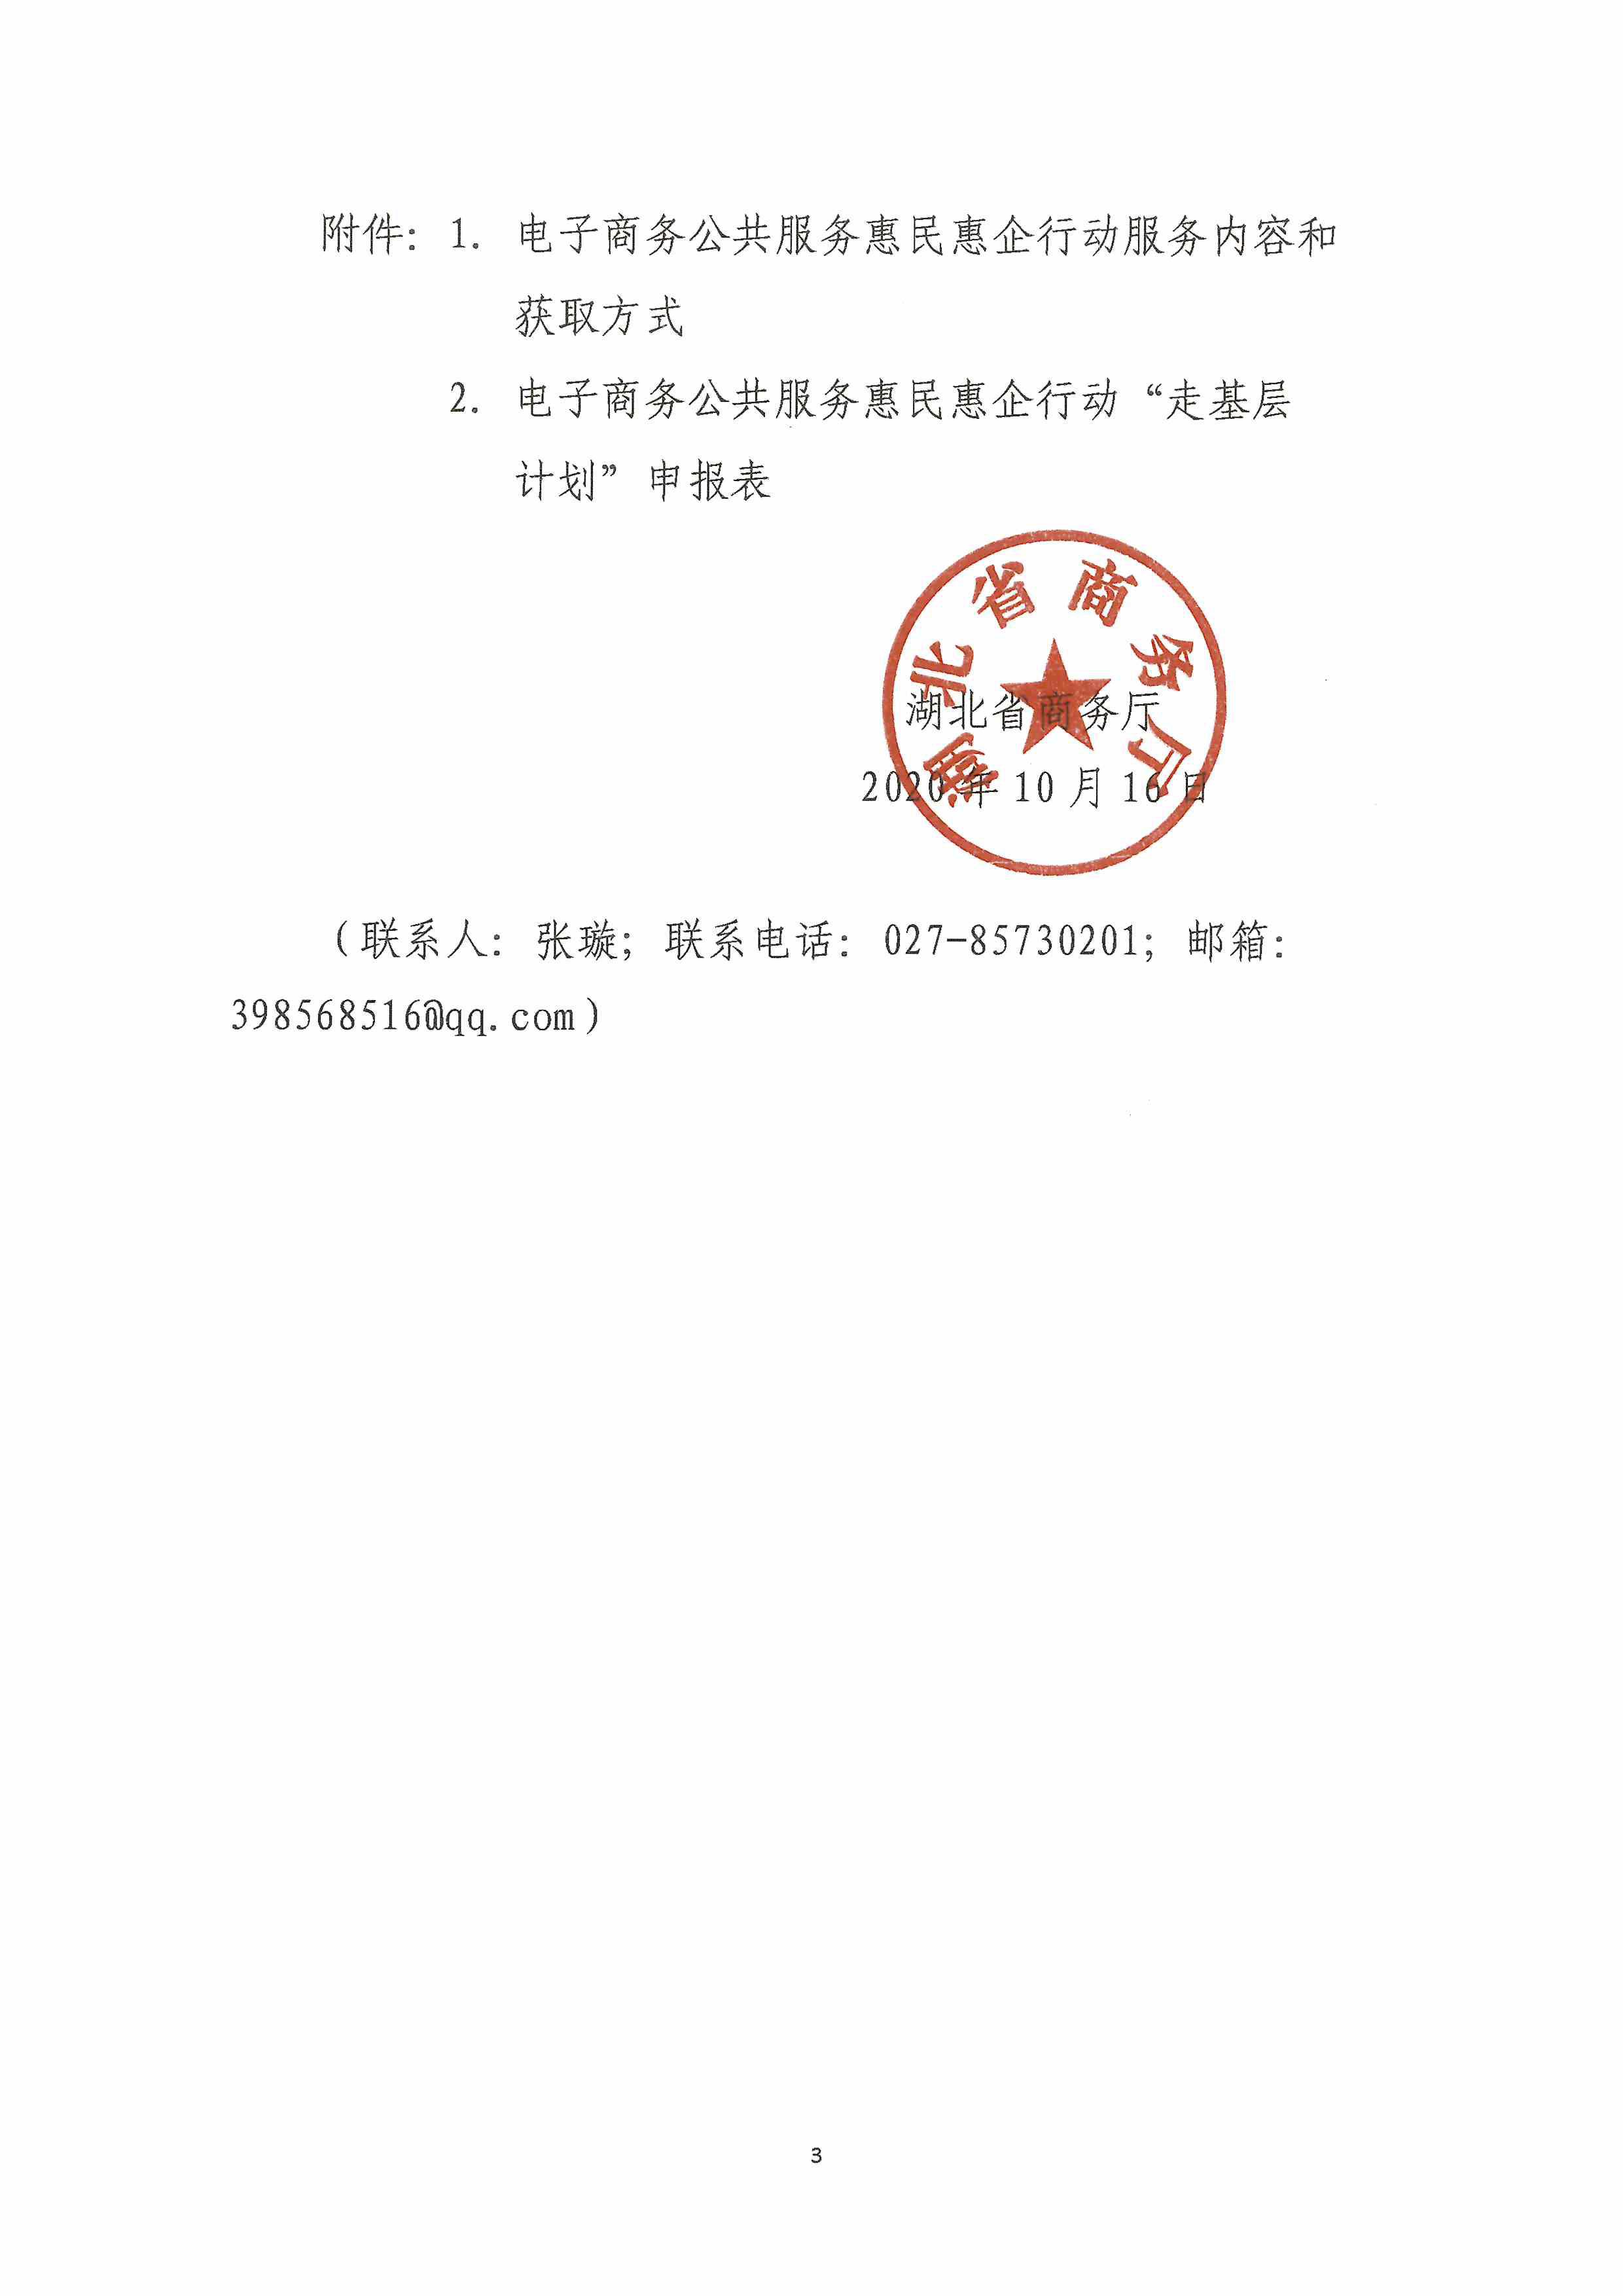 省商务厅关于开展电子商务公共服务惠民惠企行动的通知-3.jpg